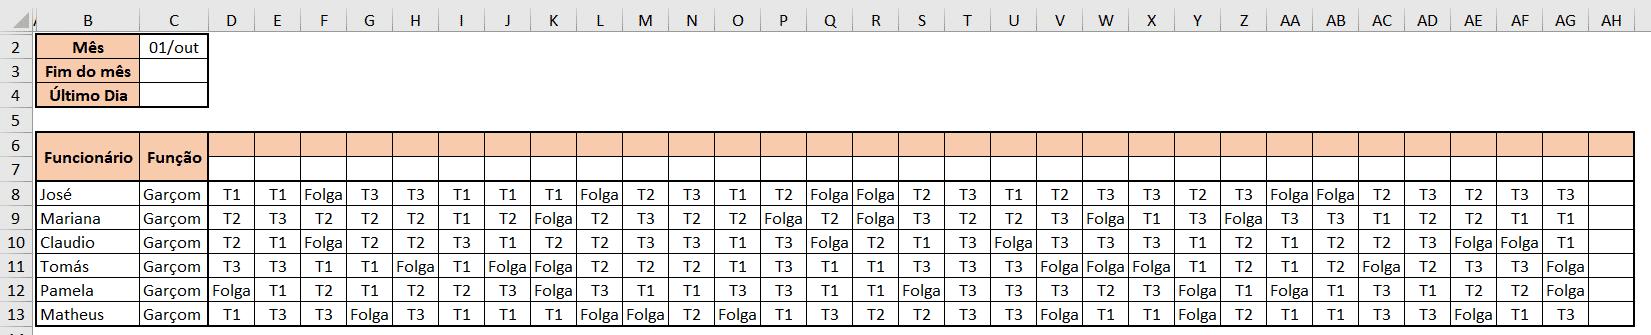 Tabela inicial - Escala de Trabalho